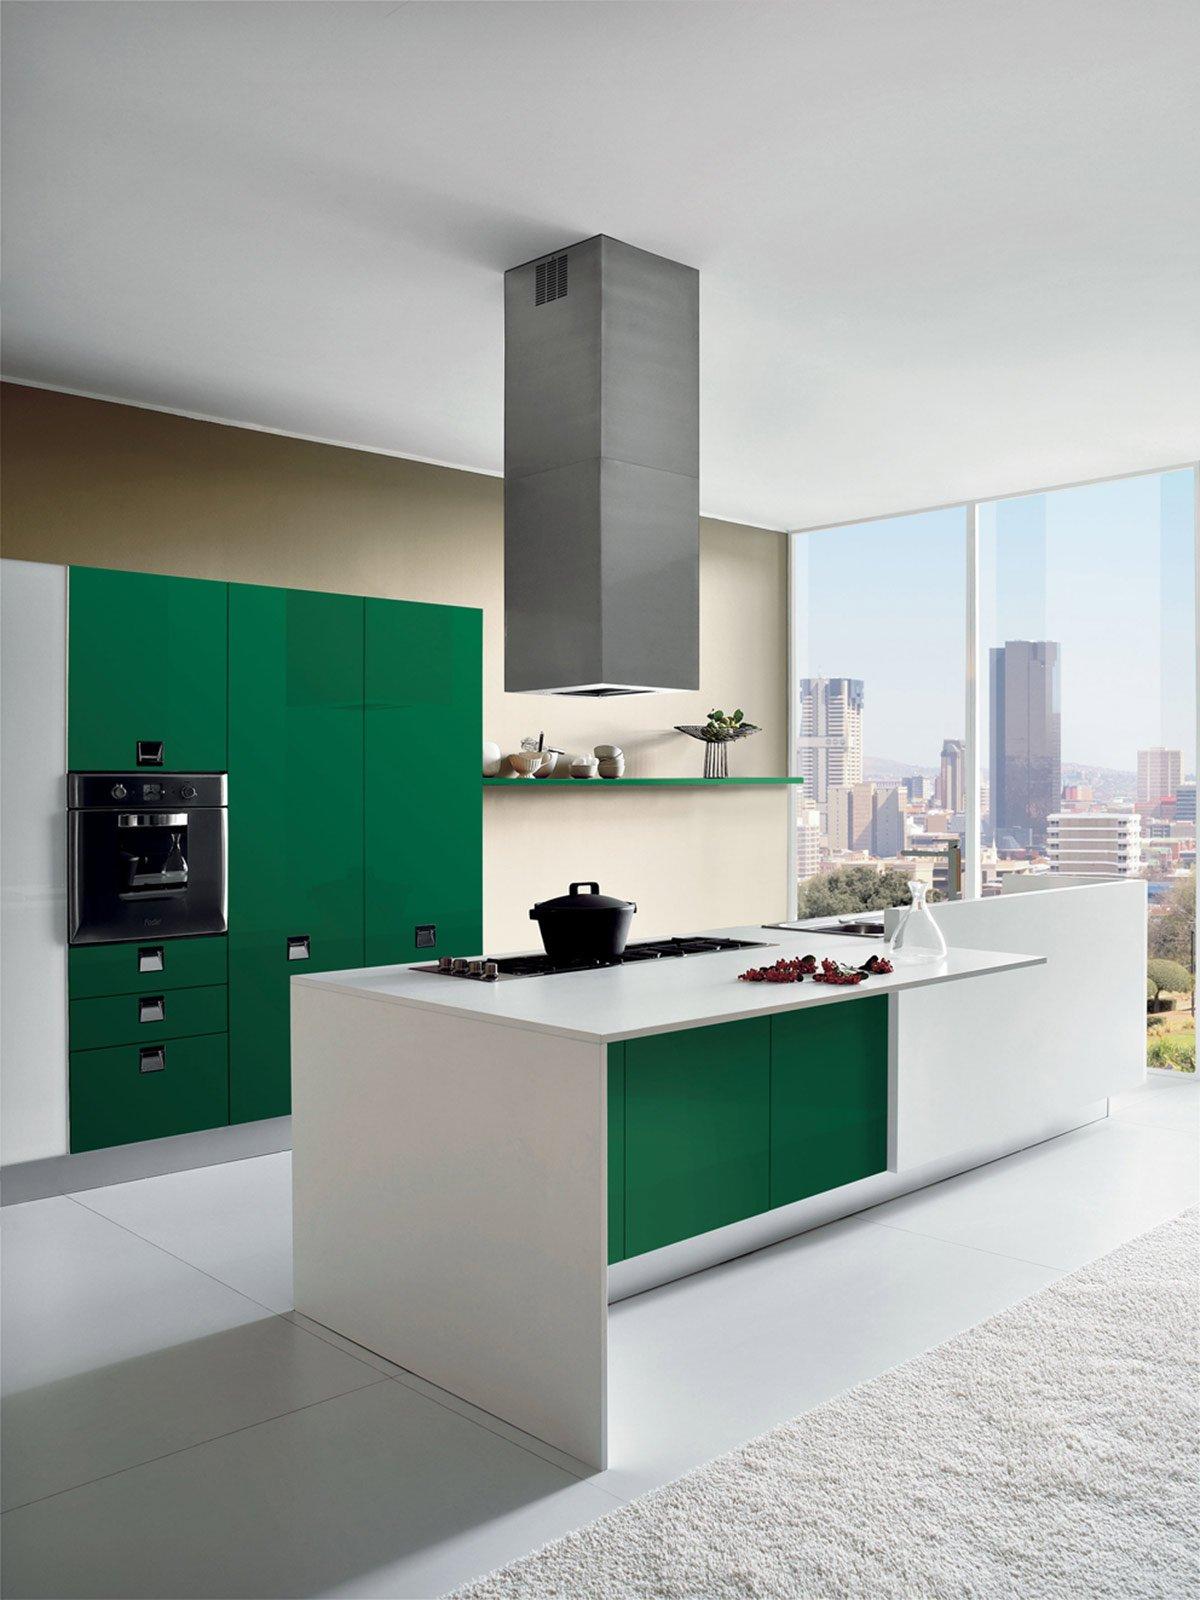 Cucine: colori fluo per arredarla - Cose di Casa